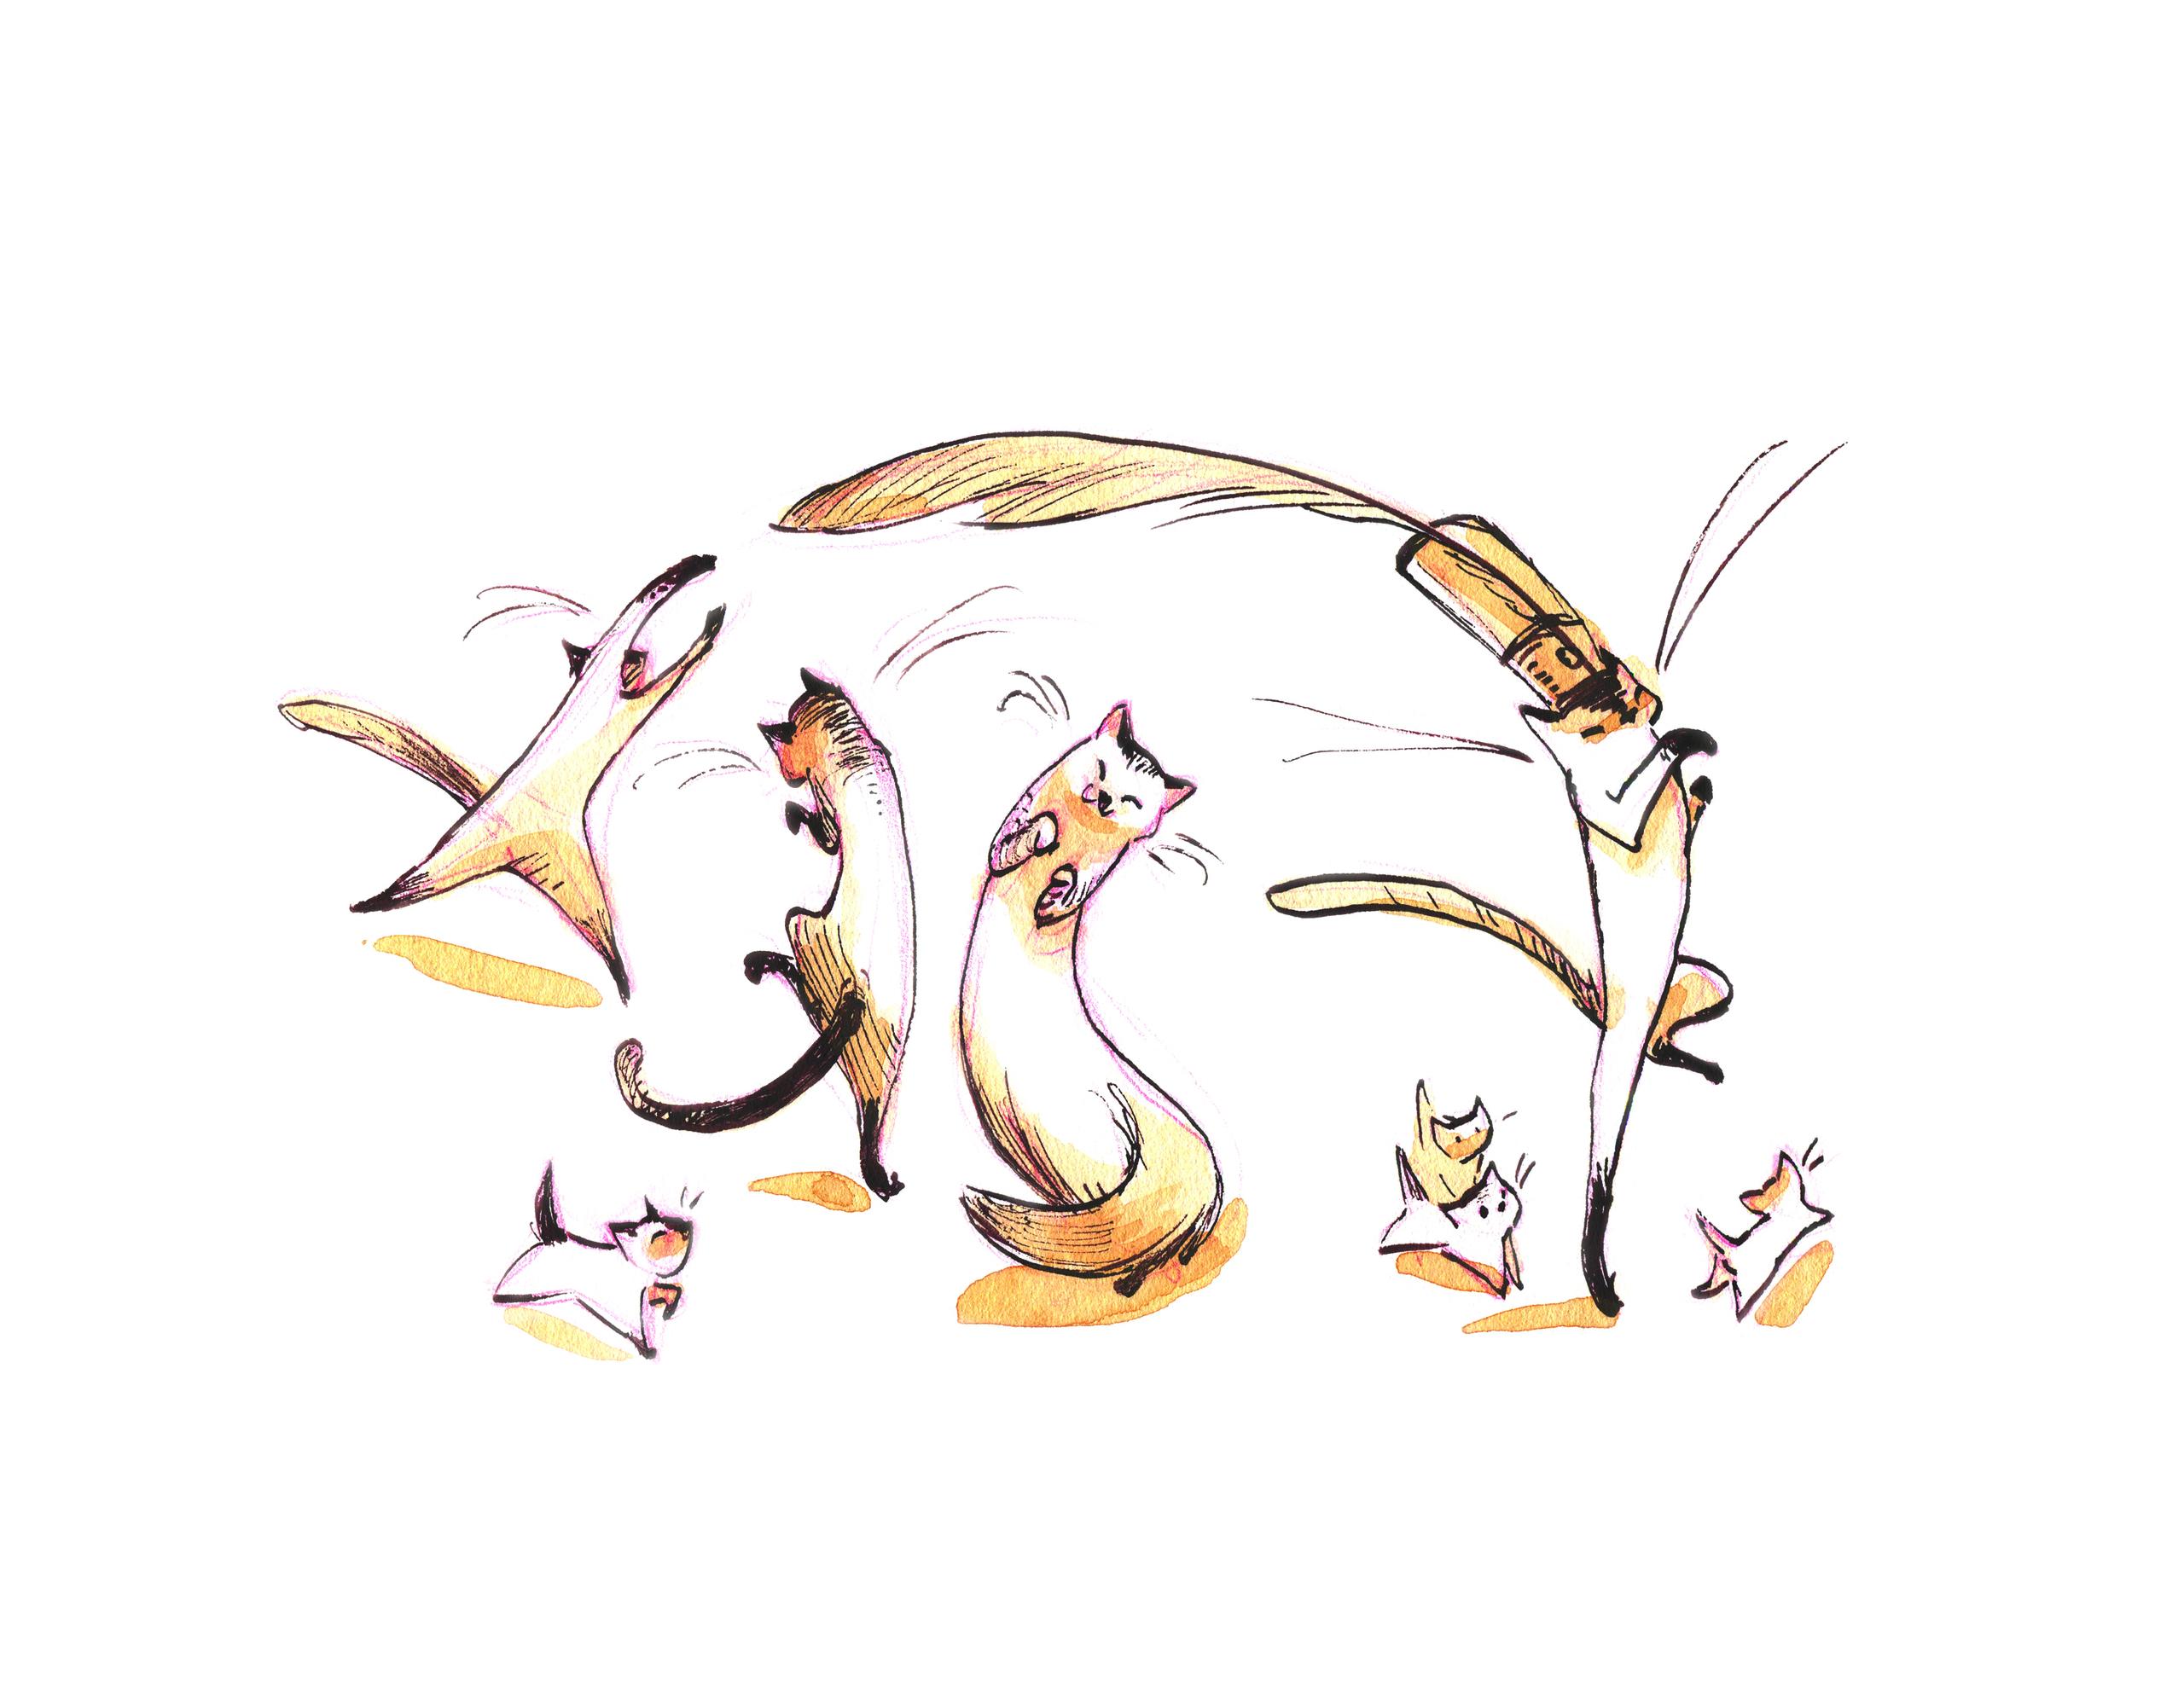 Cat Parade - cats, penink, caseyrobin - caseyrobin | ello